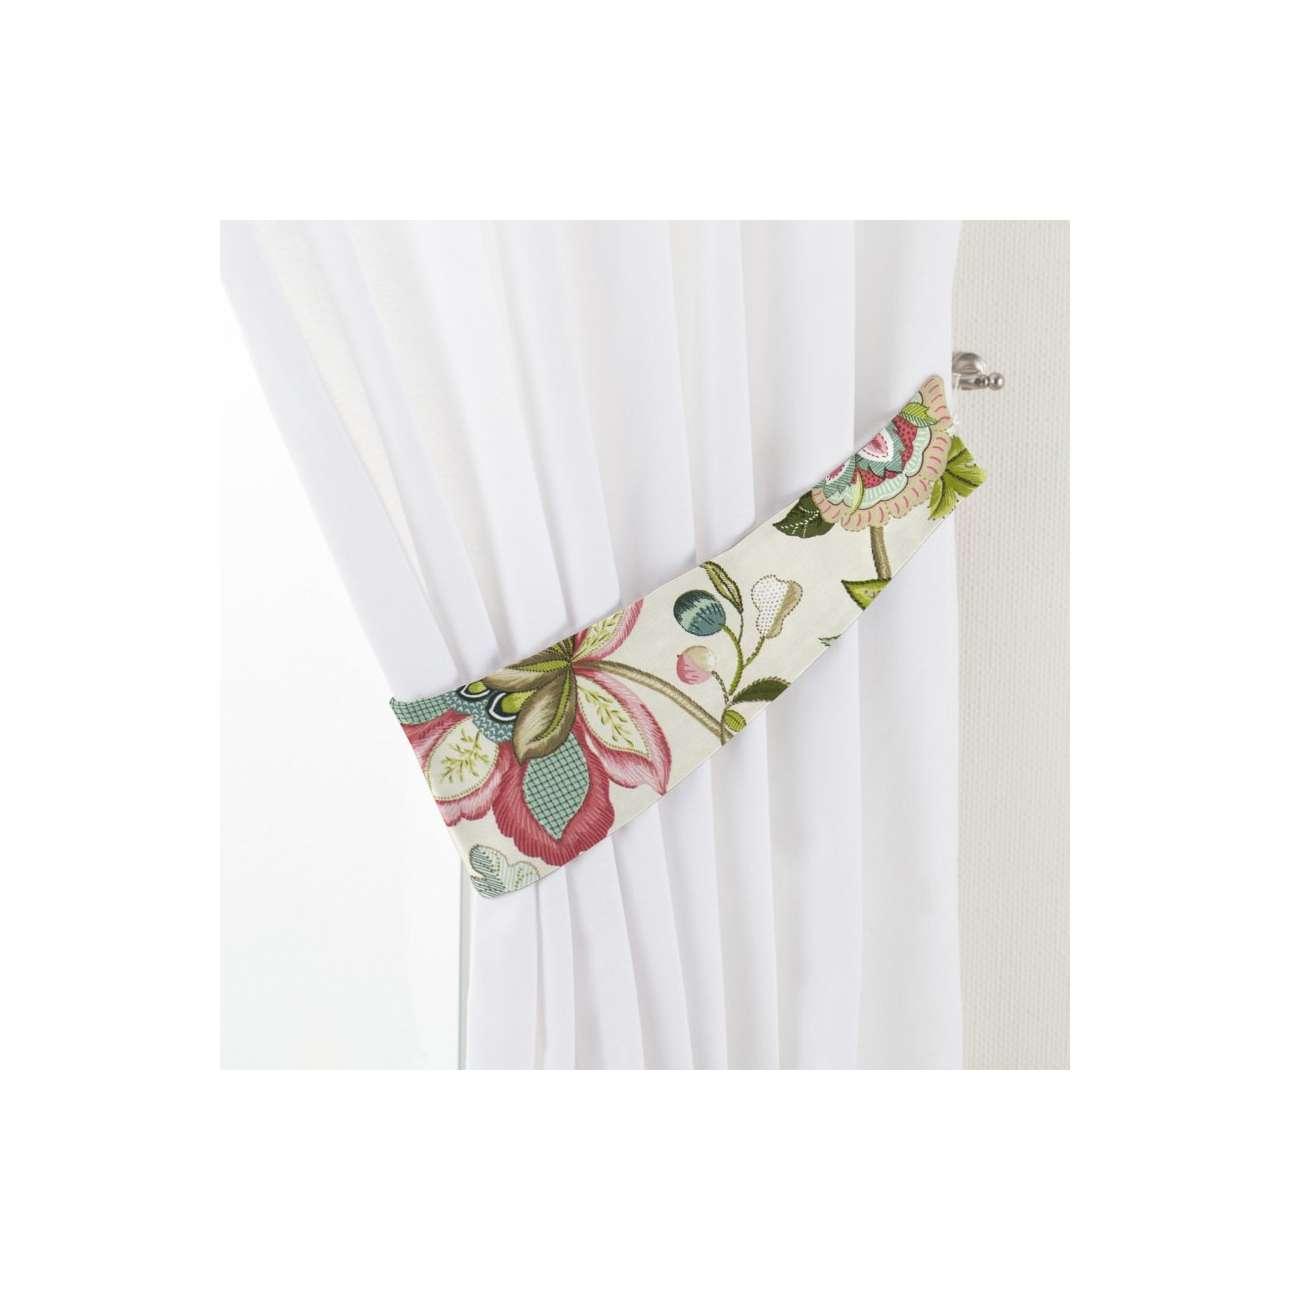 Dekoria Vázačka Victoria, pohádkové květy na světlém podkladu, 12 × 70 cm, Londres, 122-00